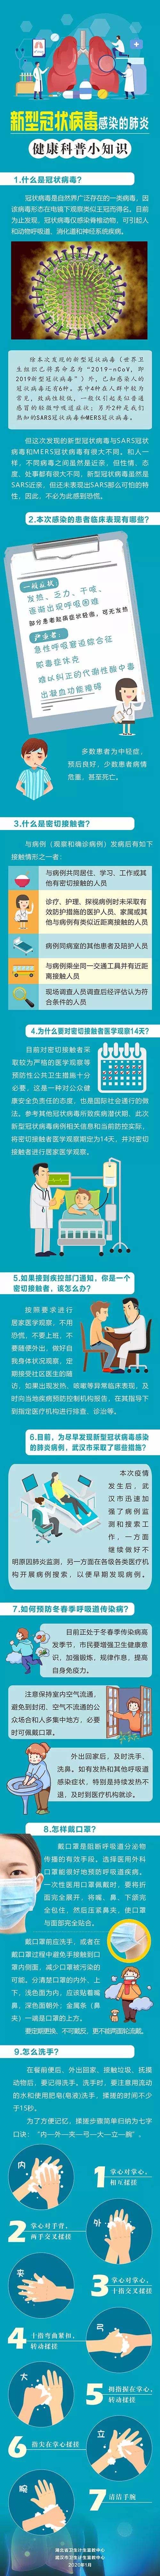 新型冠状病毒科普:该注意些什么?